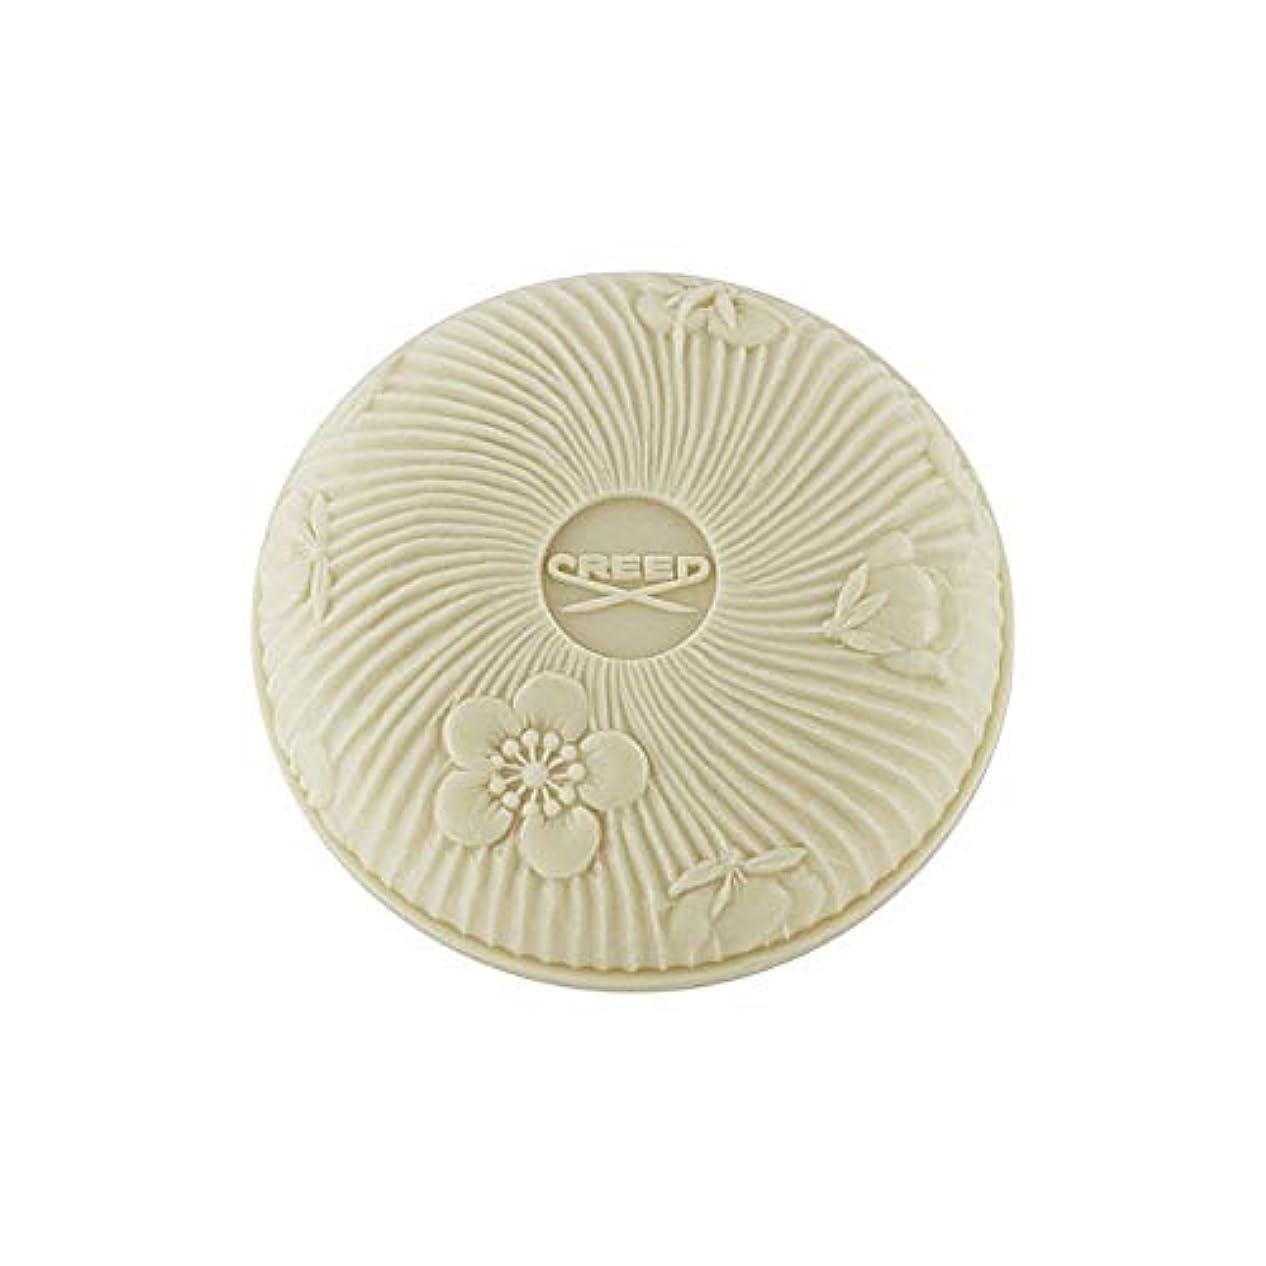 裁判所止まる追放する[Creed ] 白い石鹸150グラムで信条愛 - Creed Love In White Soap 150G [並行輸入品]